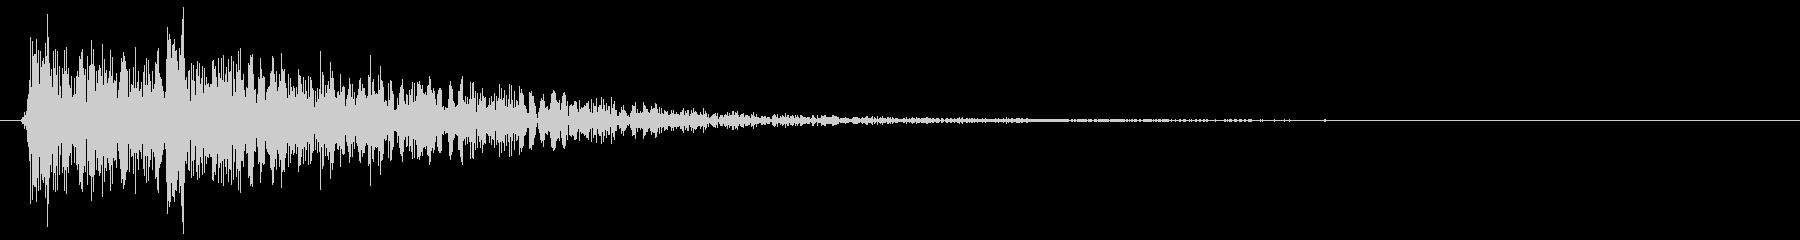 ポテン ピロン(クリアーな音質の効果音)の未再生の波形